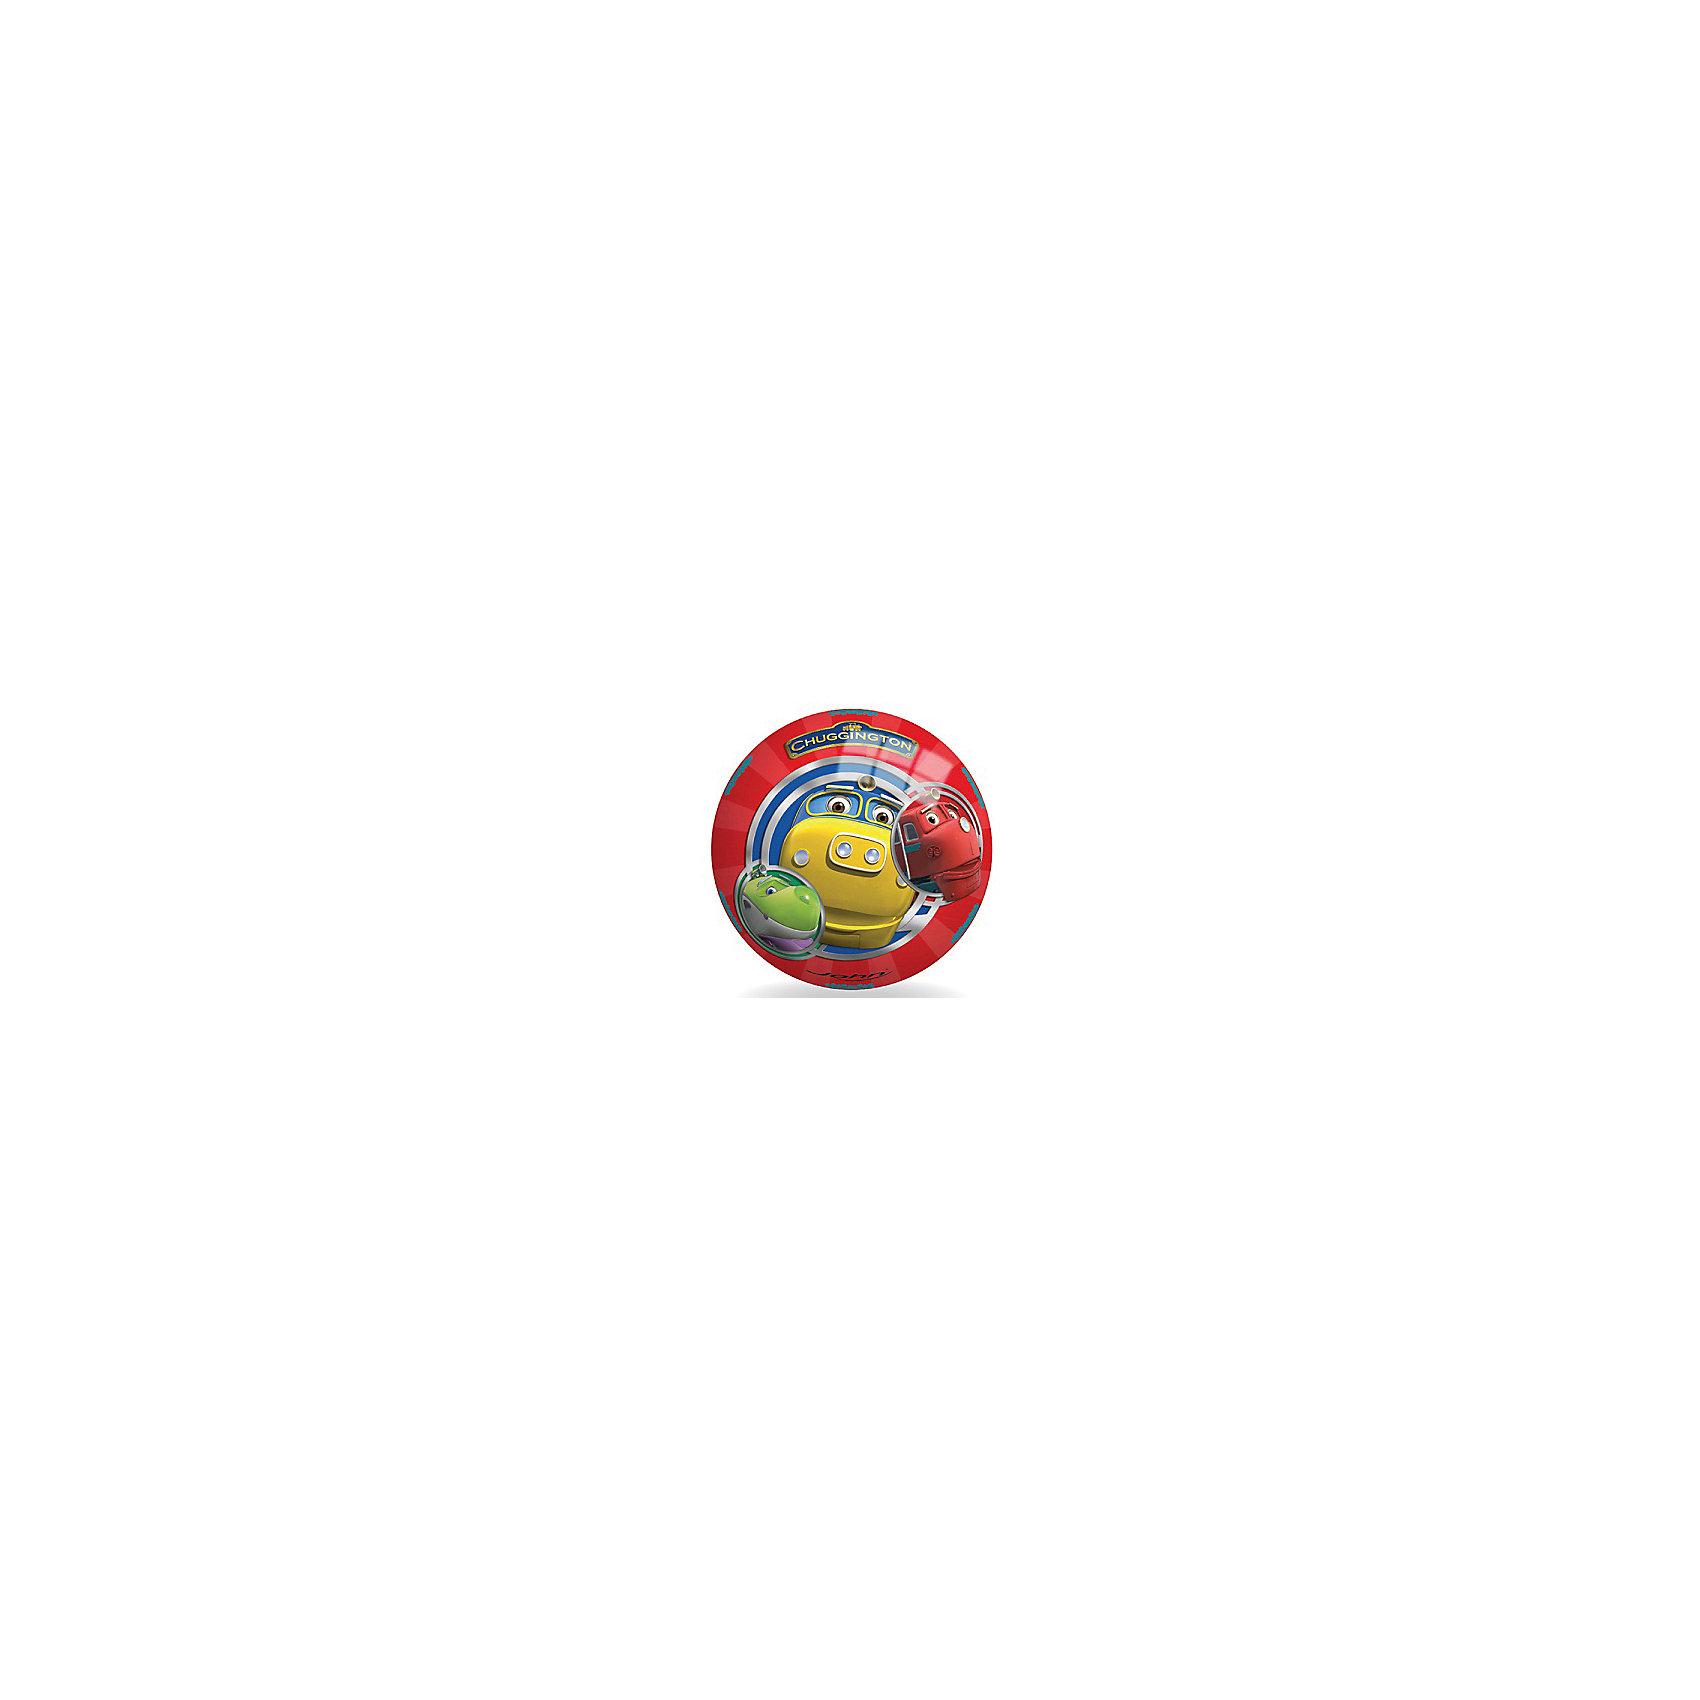 Мяч Чаггингтон, 130 мм, JOHNМяч Чаггингтон, 130 мм, JOHN (ДЖОН) – это легкий яркий мяч, высоко отскакивает от пола мяч.<br>Яркий, высоко прыгающий мяч с изображением знаменитых веселых паровозиков из Чаггингтона понравится малышу. Мячик подойдет для игры дома, во дворе, на даче и на природе. Он выполнен из прочного и совершенного безопасного материала, который выдерживает воздействие влаги и имеет прочную структуру. Игра в мяч способствует развитию мелкой моторики, ловкости рук, координации движения.<br><br>Дополнительная информация:<br><br>- Диаметр: 13 см.<br>- Материал: ПВХ, пластизоль<br><br>Мяч Чаггингтон, 130 мм, JOHN (ДЖОН) можно купить в нашем интернет-магазине.<br><br>Ширина мм: 130<br>Глубина мм: 130<br>Высота мм: 130<br>Вес г: 59<br>Возраст от месяцев: 24<br>Возраст до месяцев: 216<br>Пол: Унисекс<br>Возраст: Детский<br>SKU: 4424082